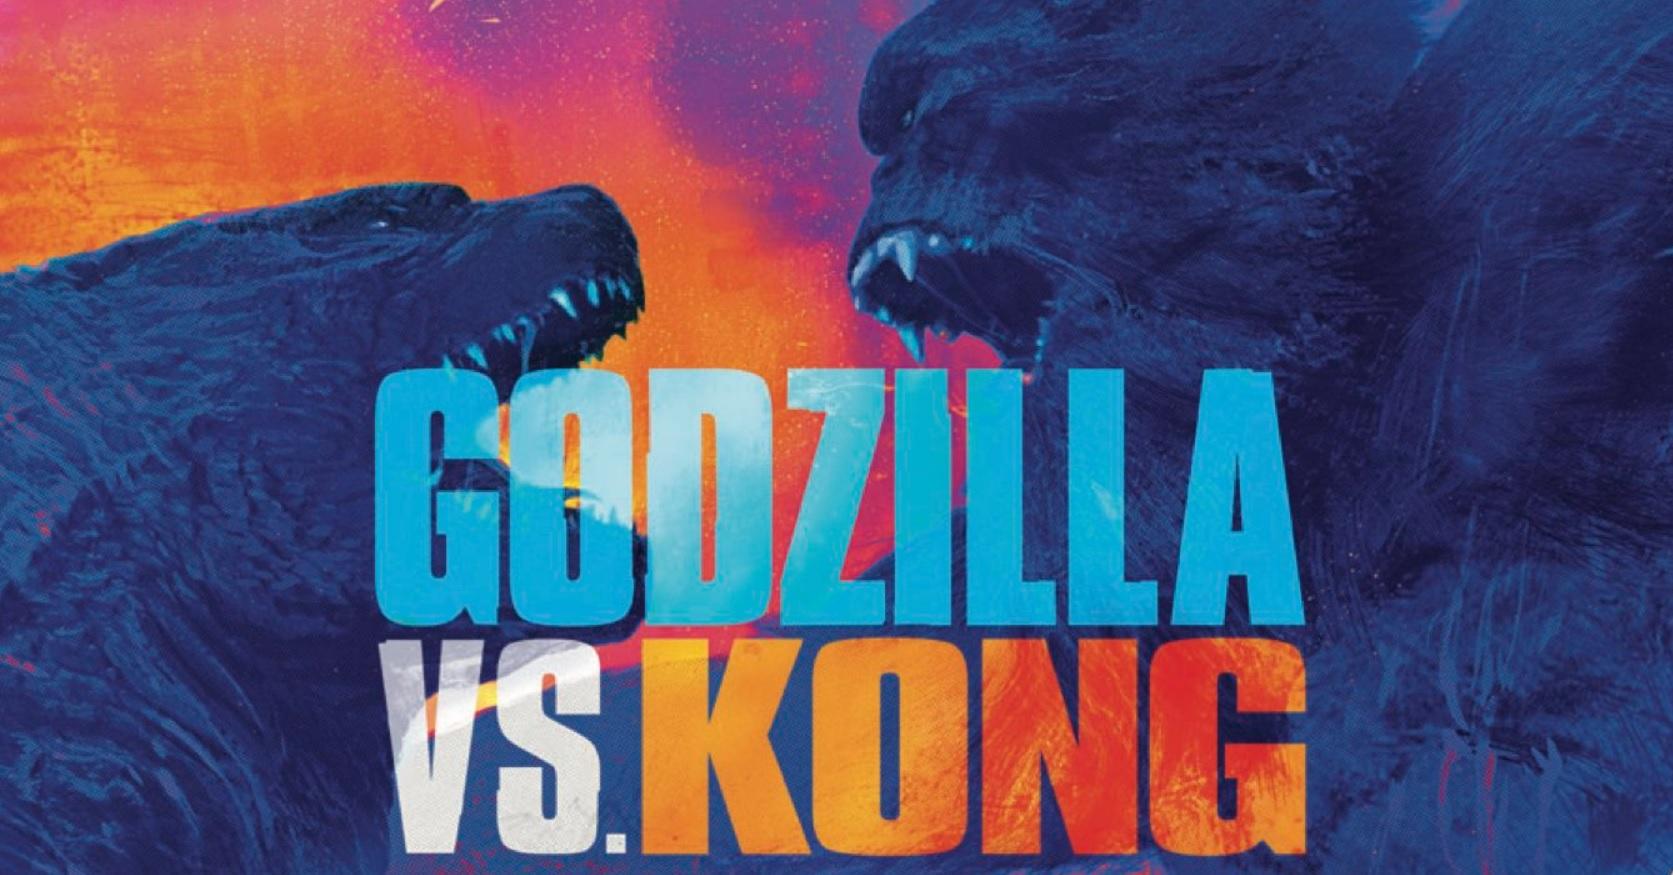 Godzilla vs Kong - nowy Tytan ujawniony!